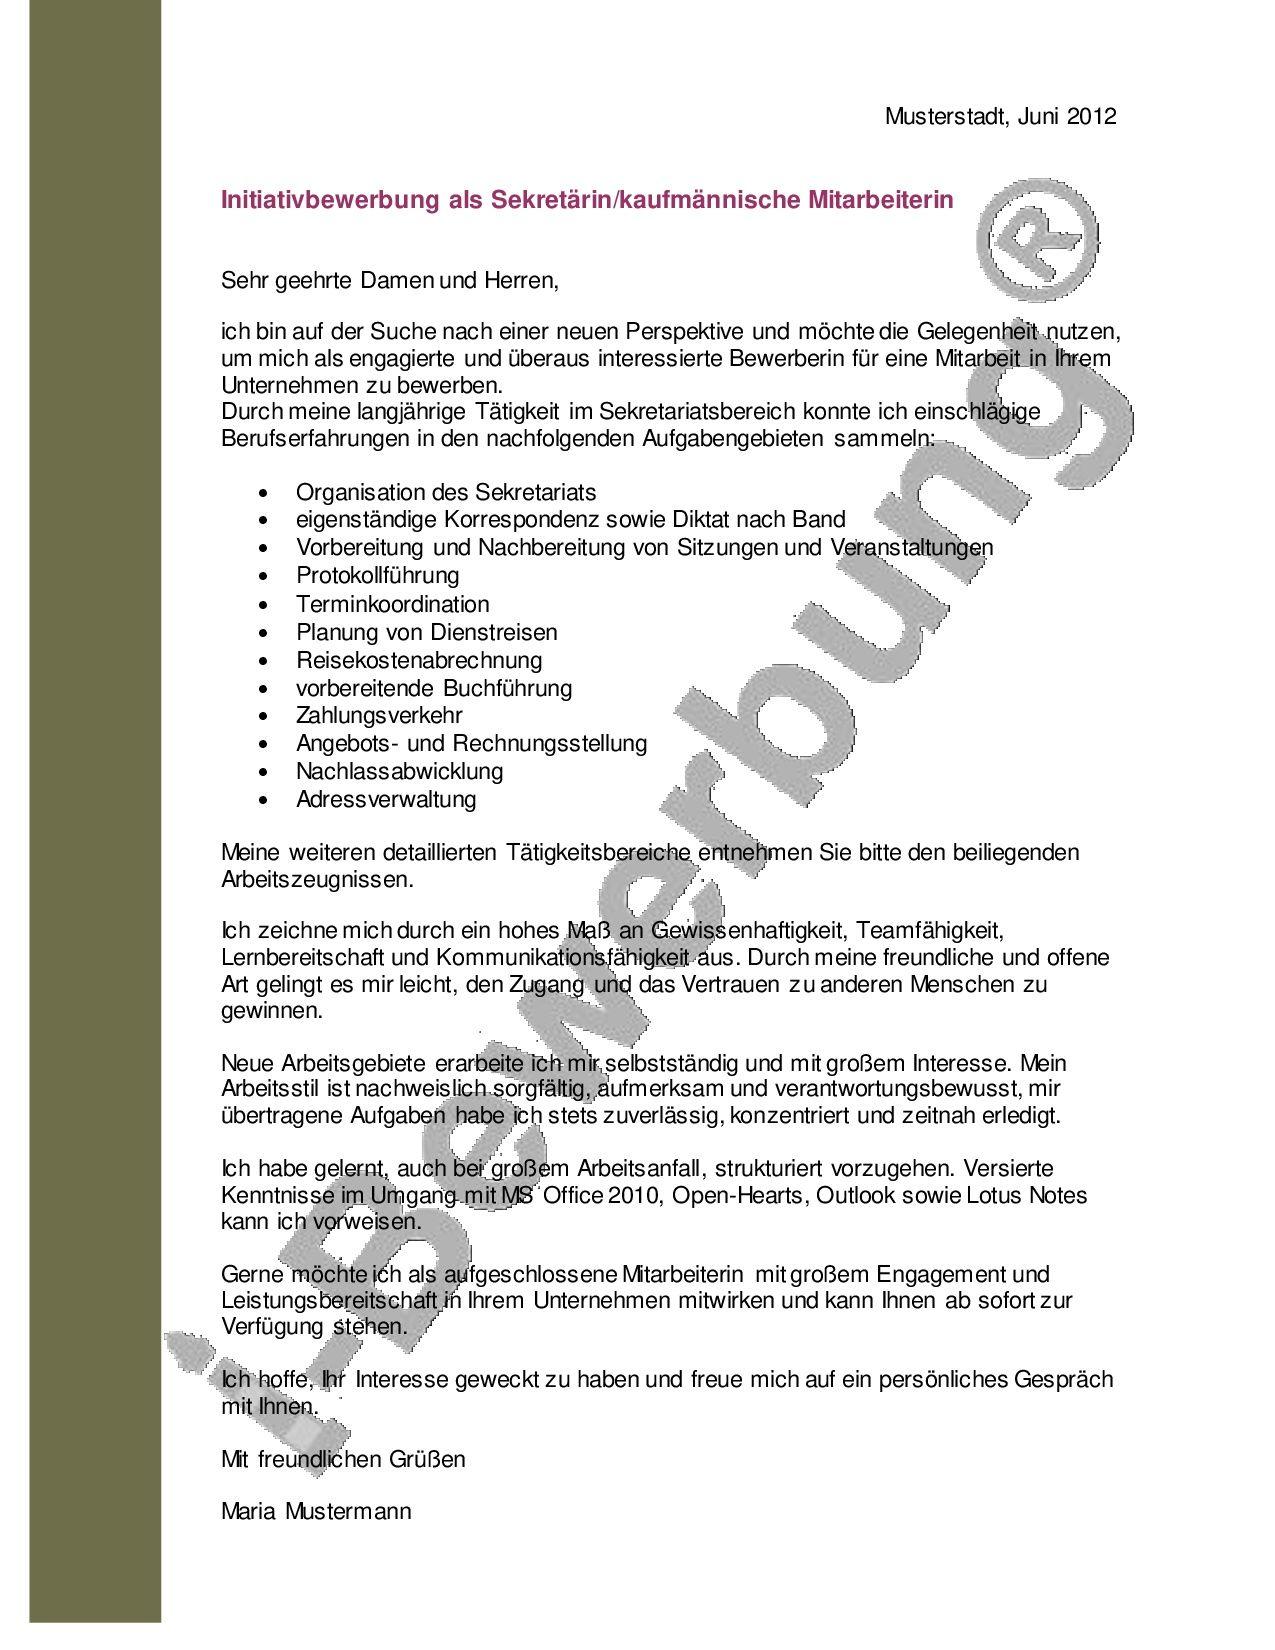 Muster Anschreiben zur Initiativbewerbung als Sekretärin | Pinterest ...